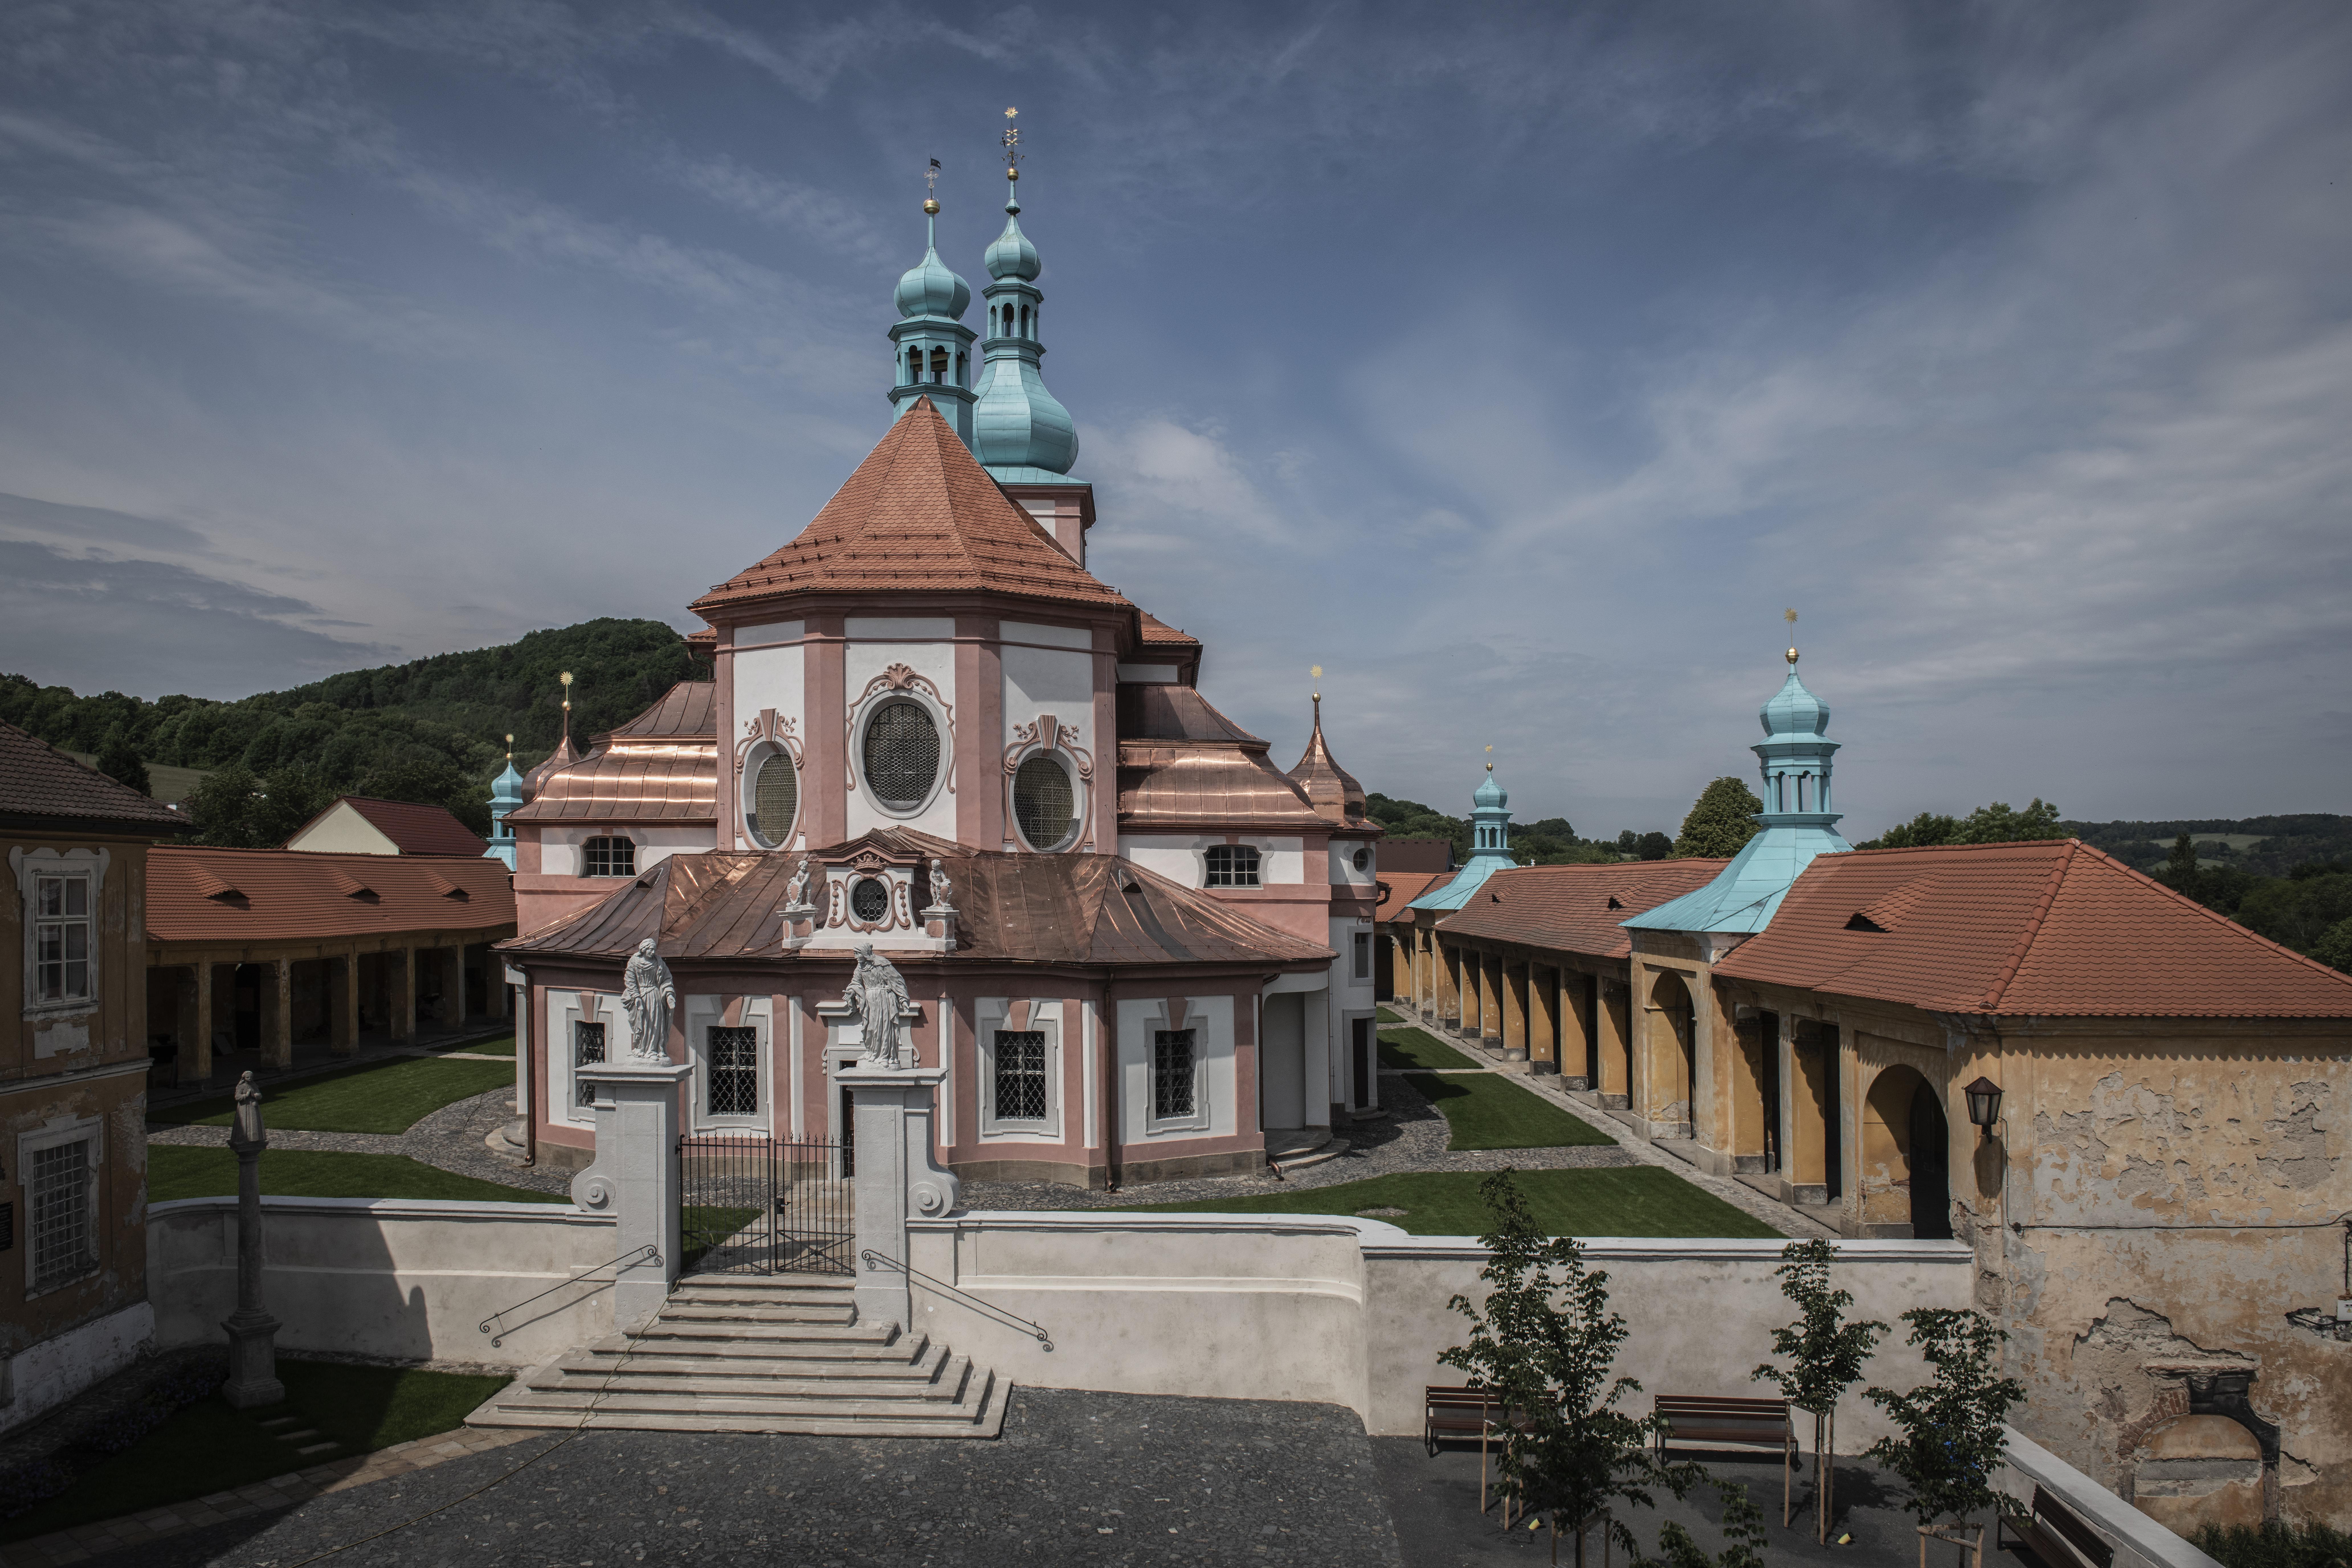 Celkový pohled na obnovený poutní areál v Horní Polici.